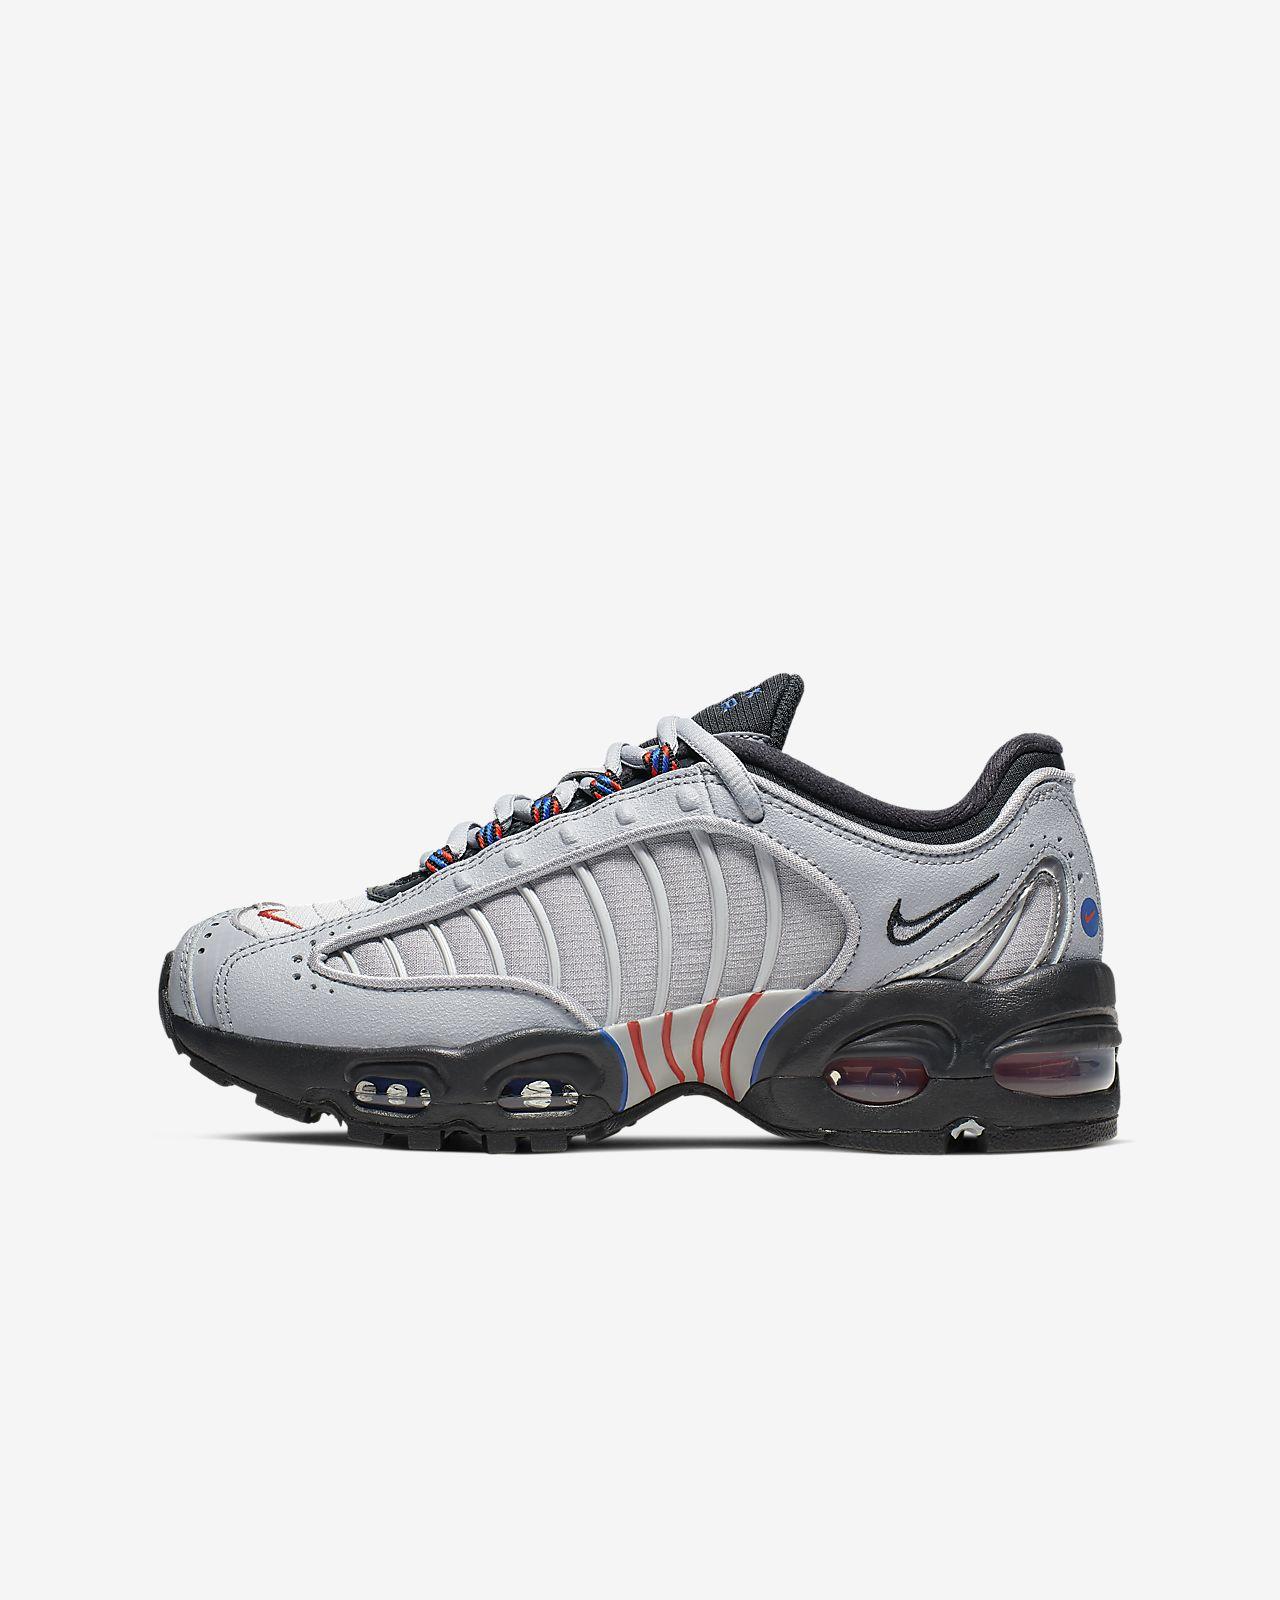 Jordan Schuhe Putzen Air Max Tailwind Huarache Nike Damen